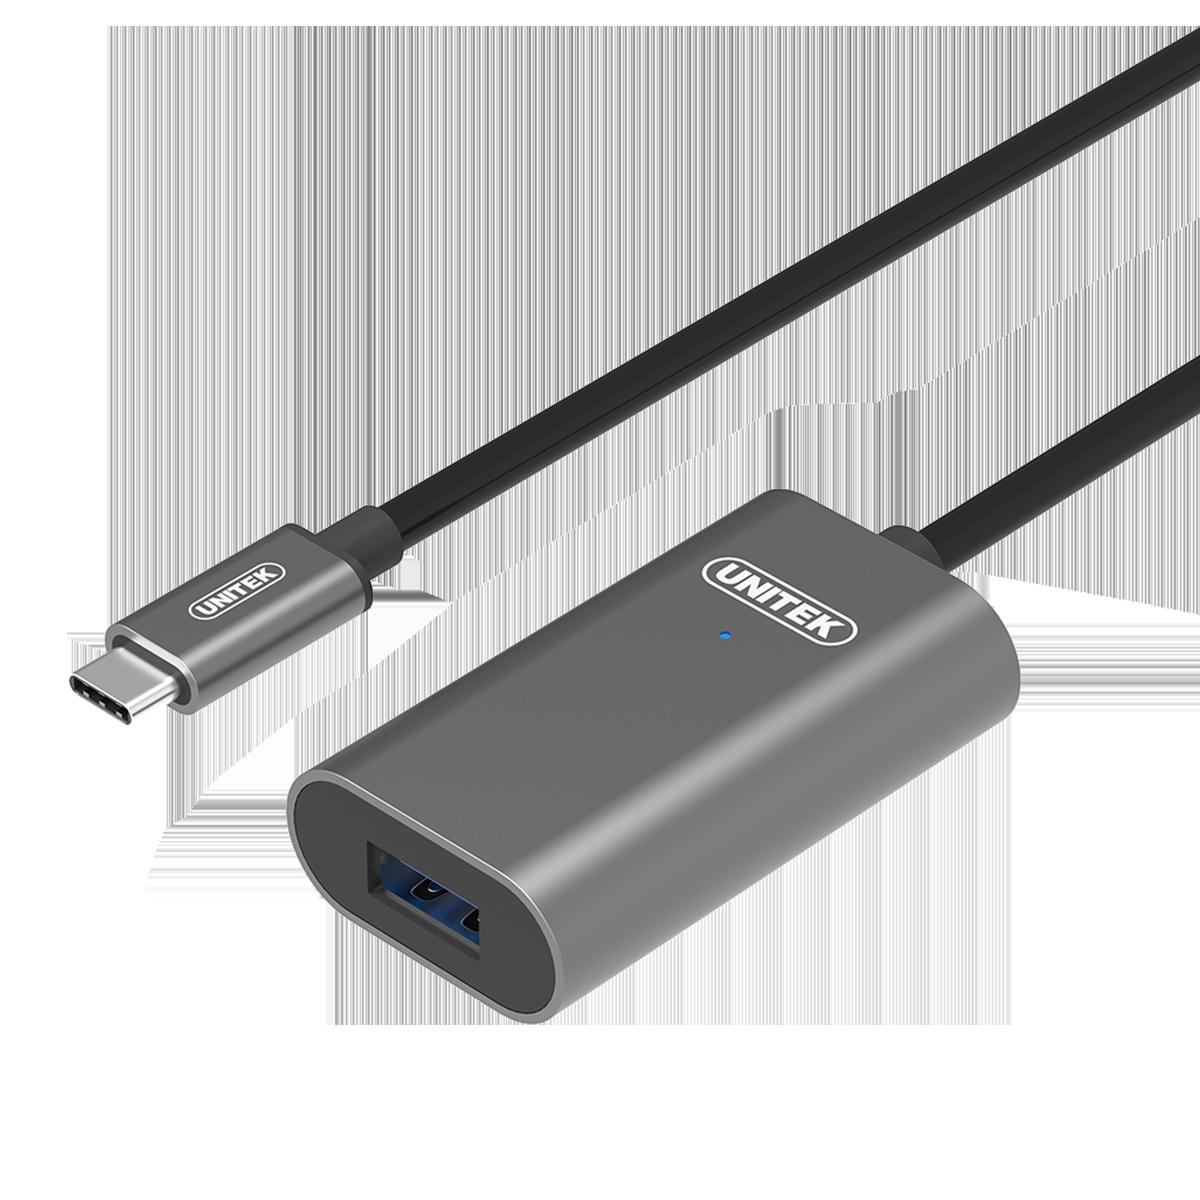 Cáp Nối dài USB type C sang USB 3.0 5M, UNITEK U304A